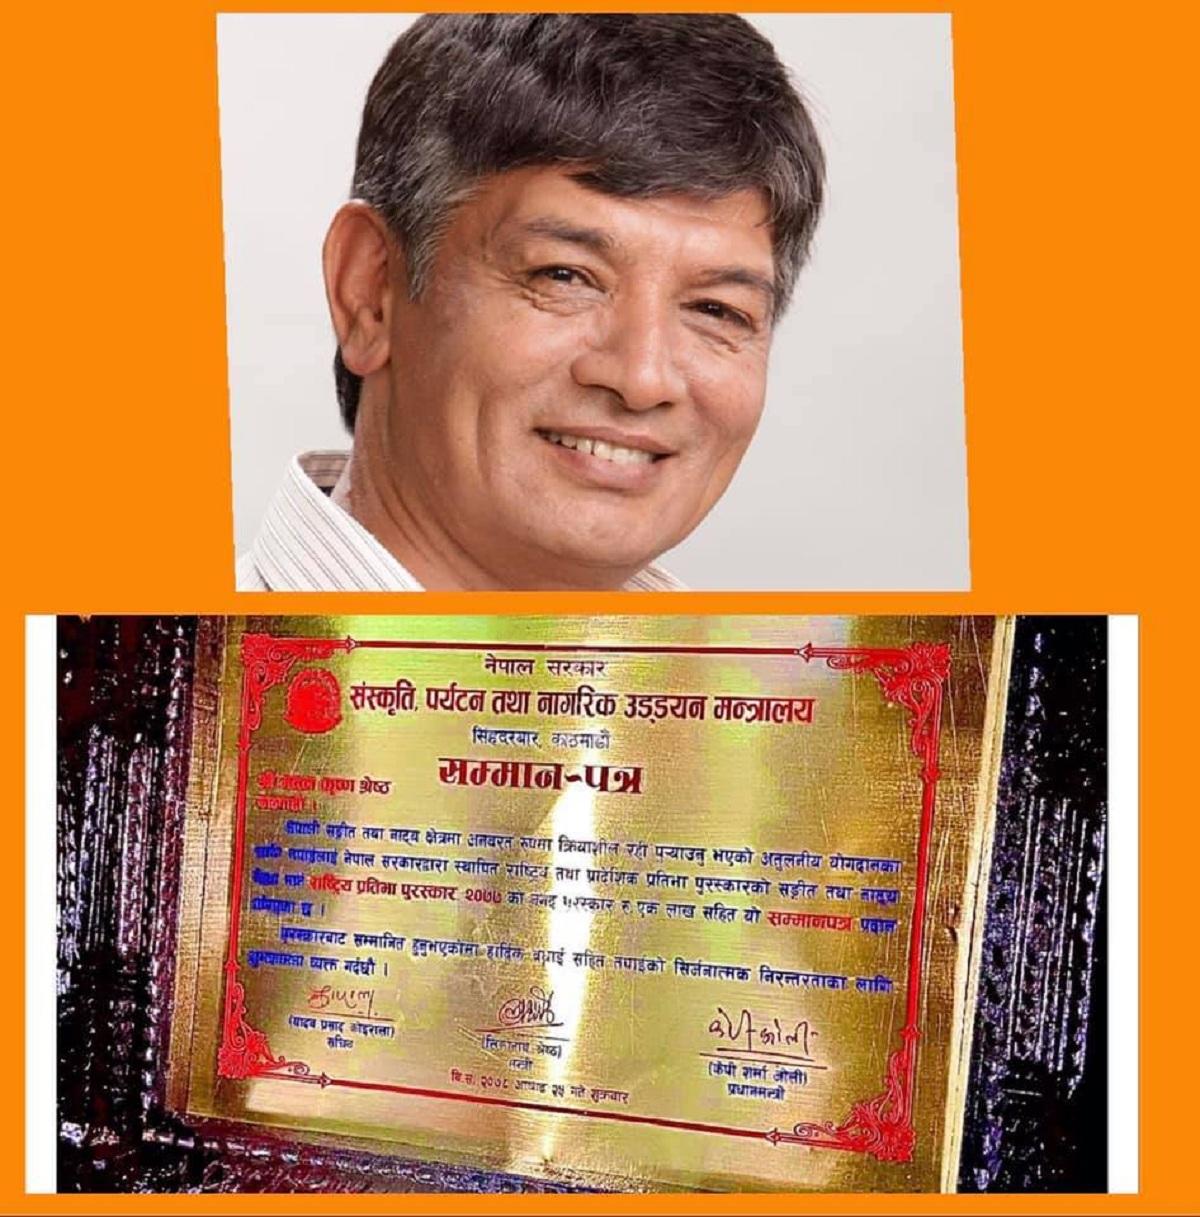 National Talent Award to Madan Krishna